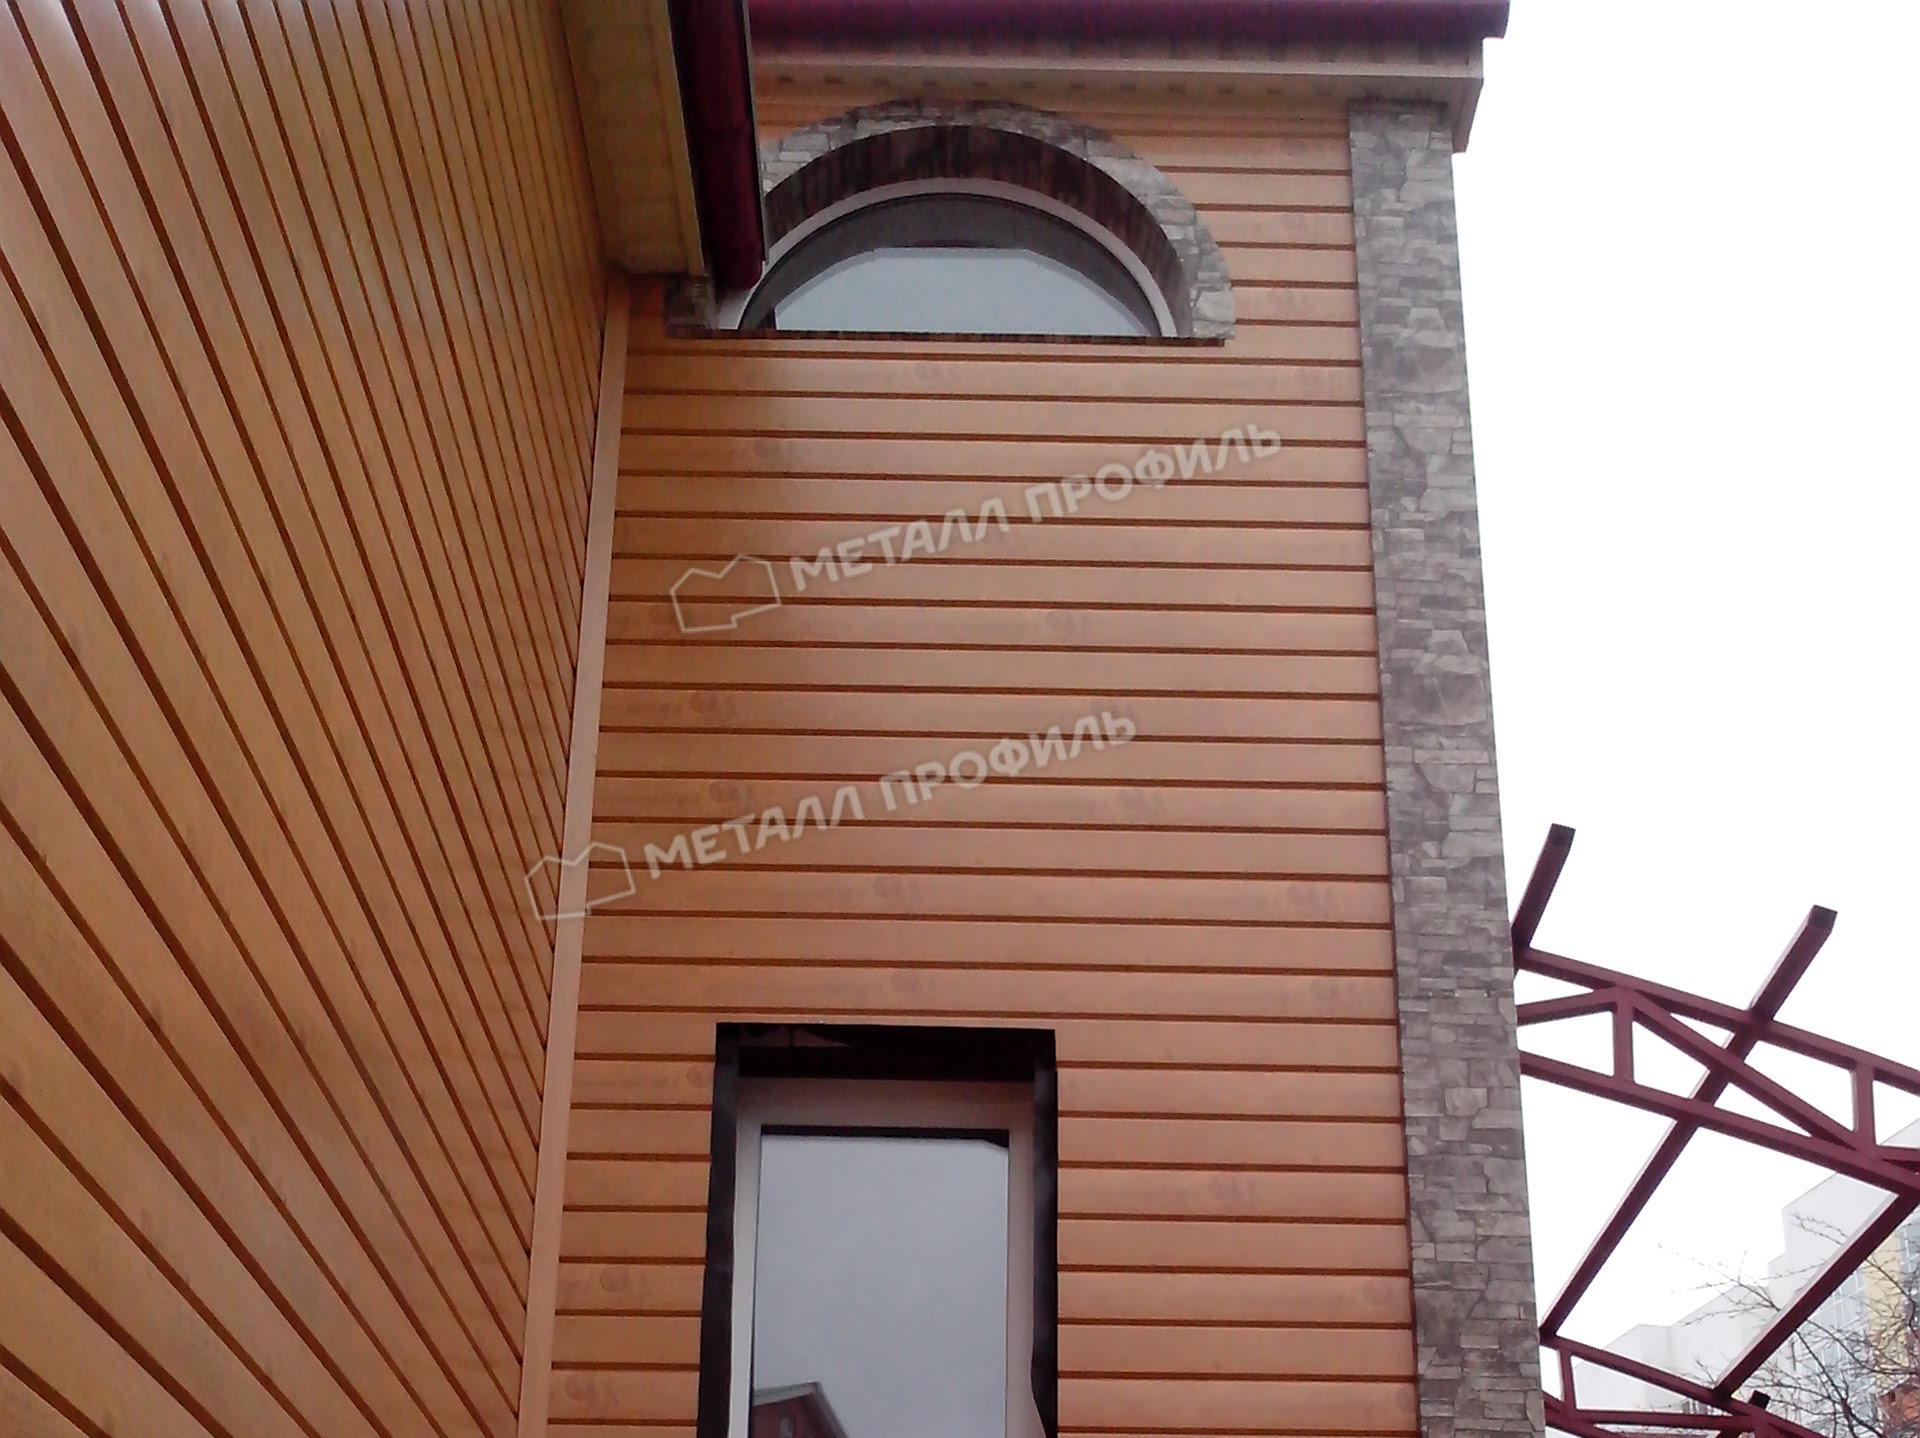 Сайдинг под бревно - интересный вариант отделки фасада